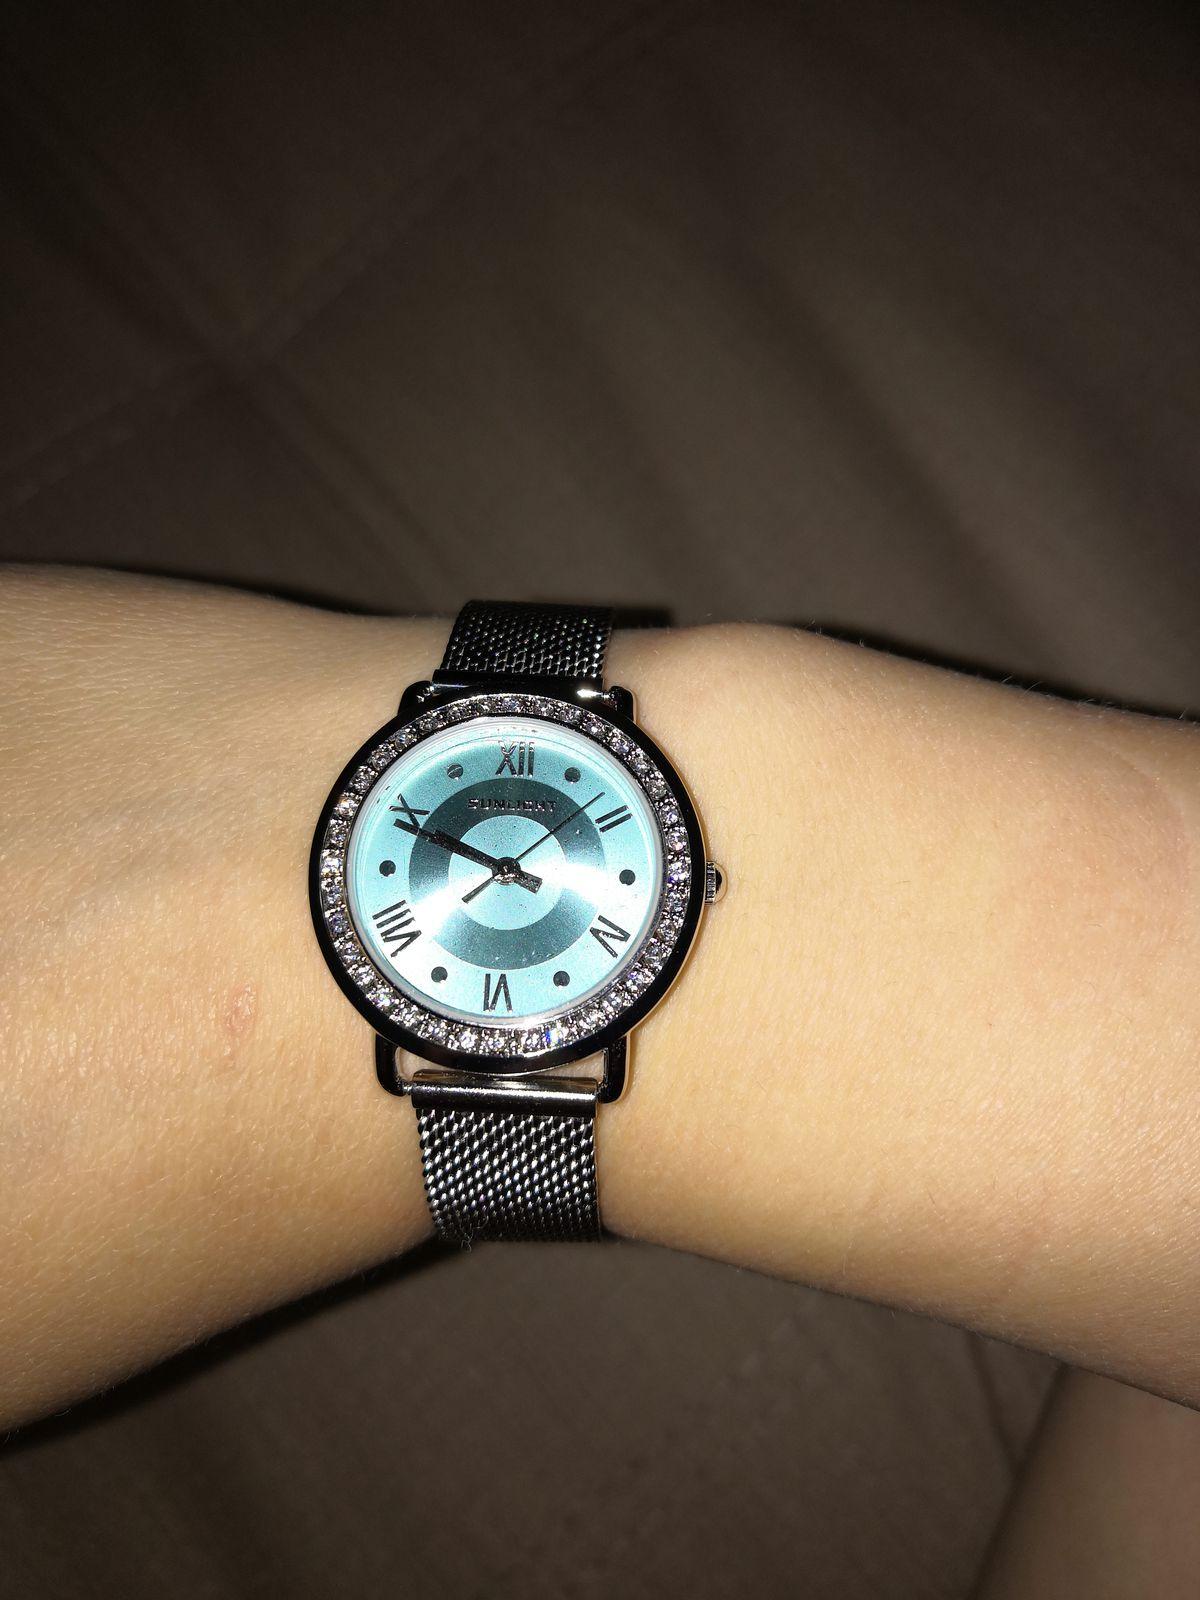 Сегодня я купила себе наручные часы, давно мечтала сделать себе подарок.